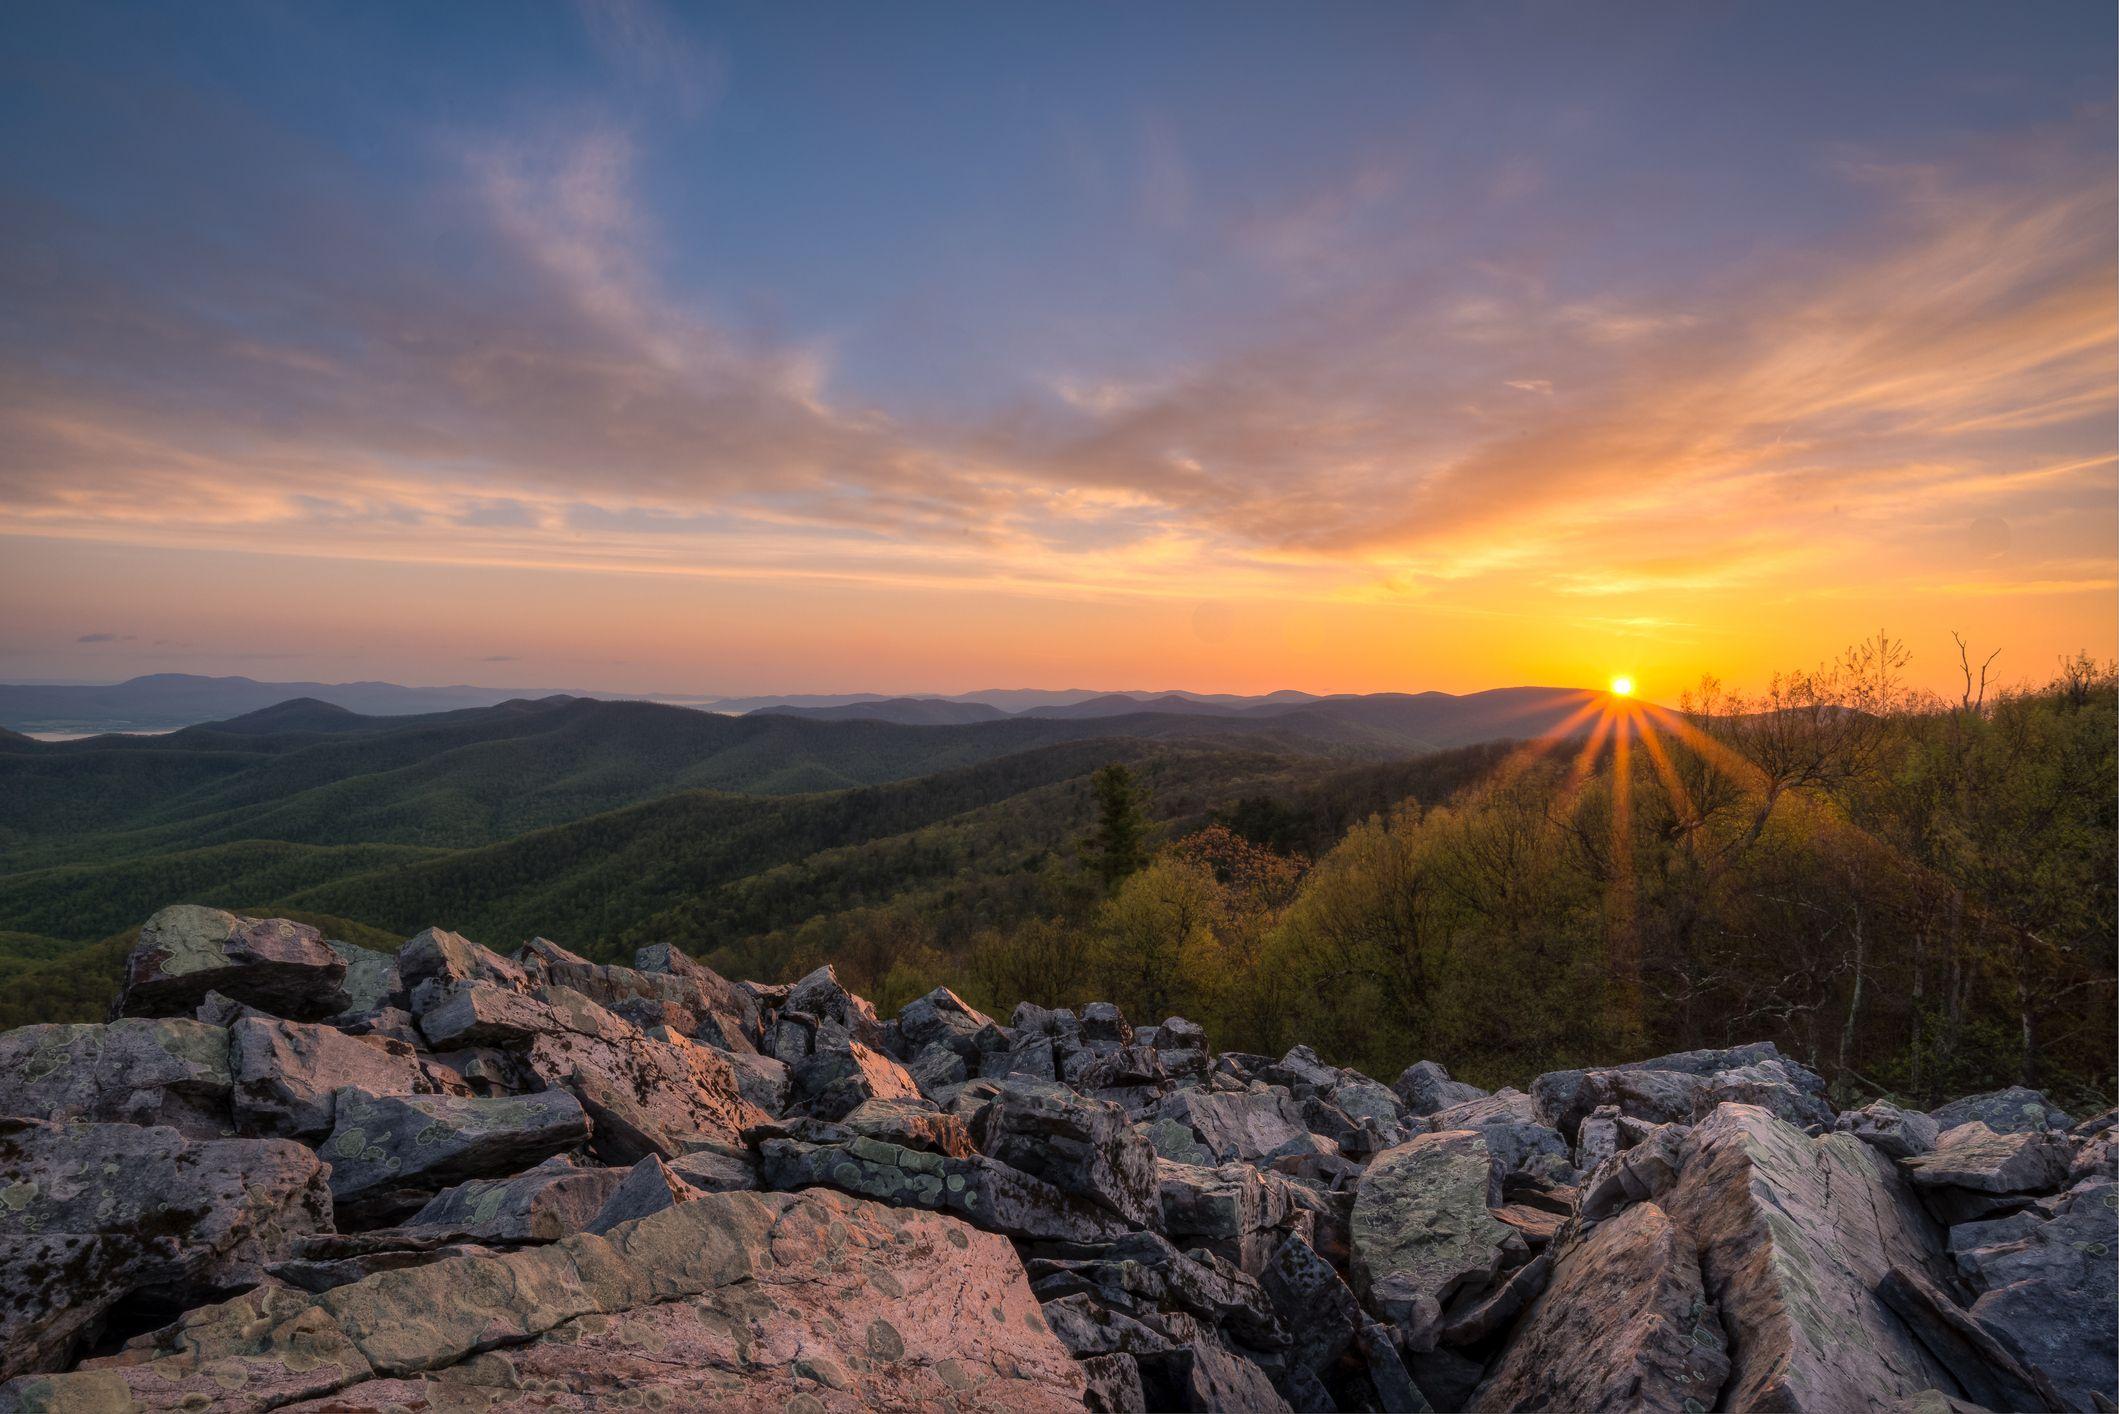 Shenandoah National Park at sunrise, Virginia, USA